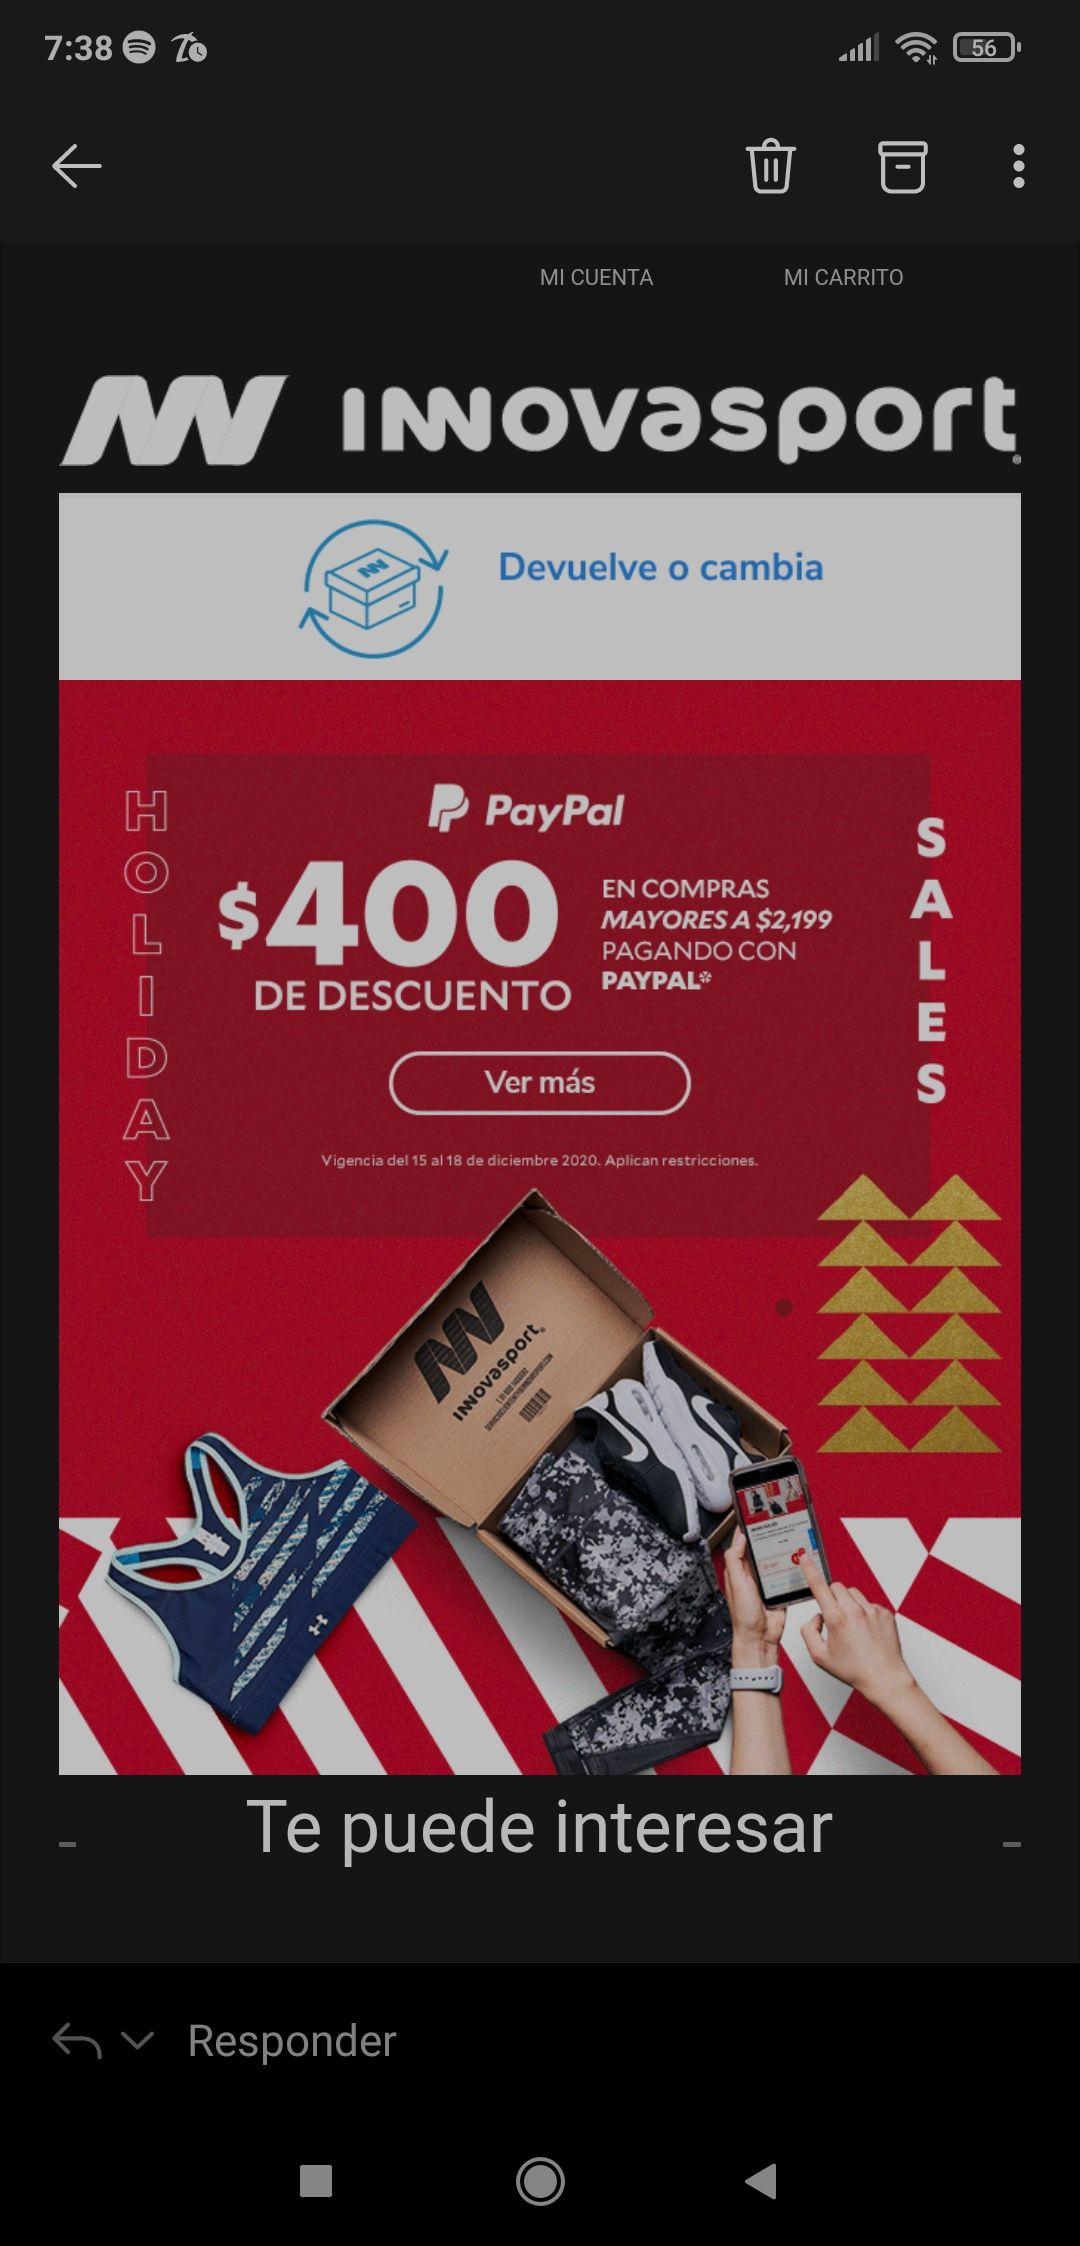 Innovasport: $400 de descuento pagando con paypal en compras mayores a 2199